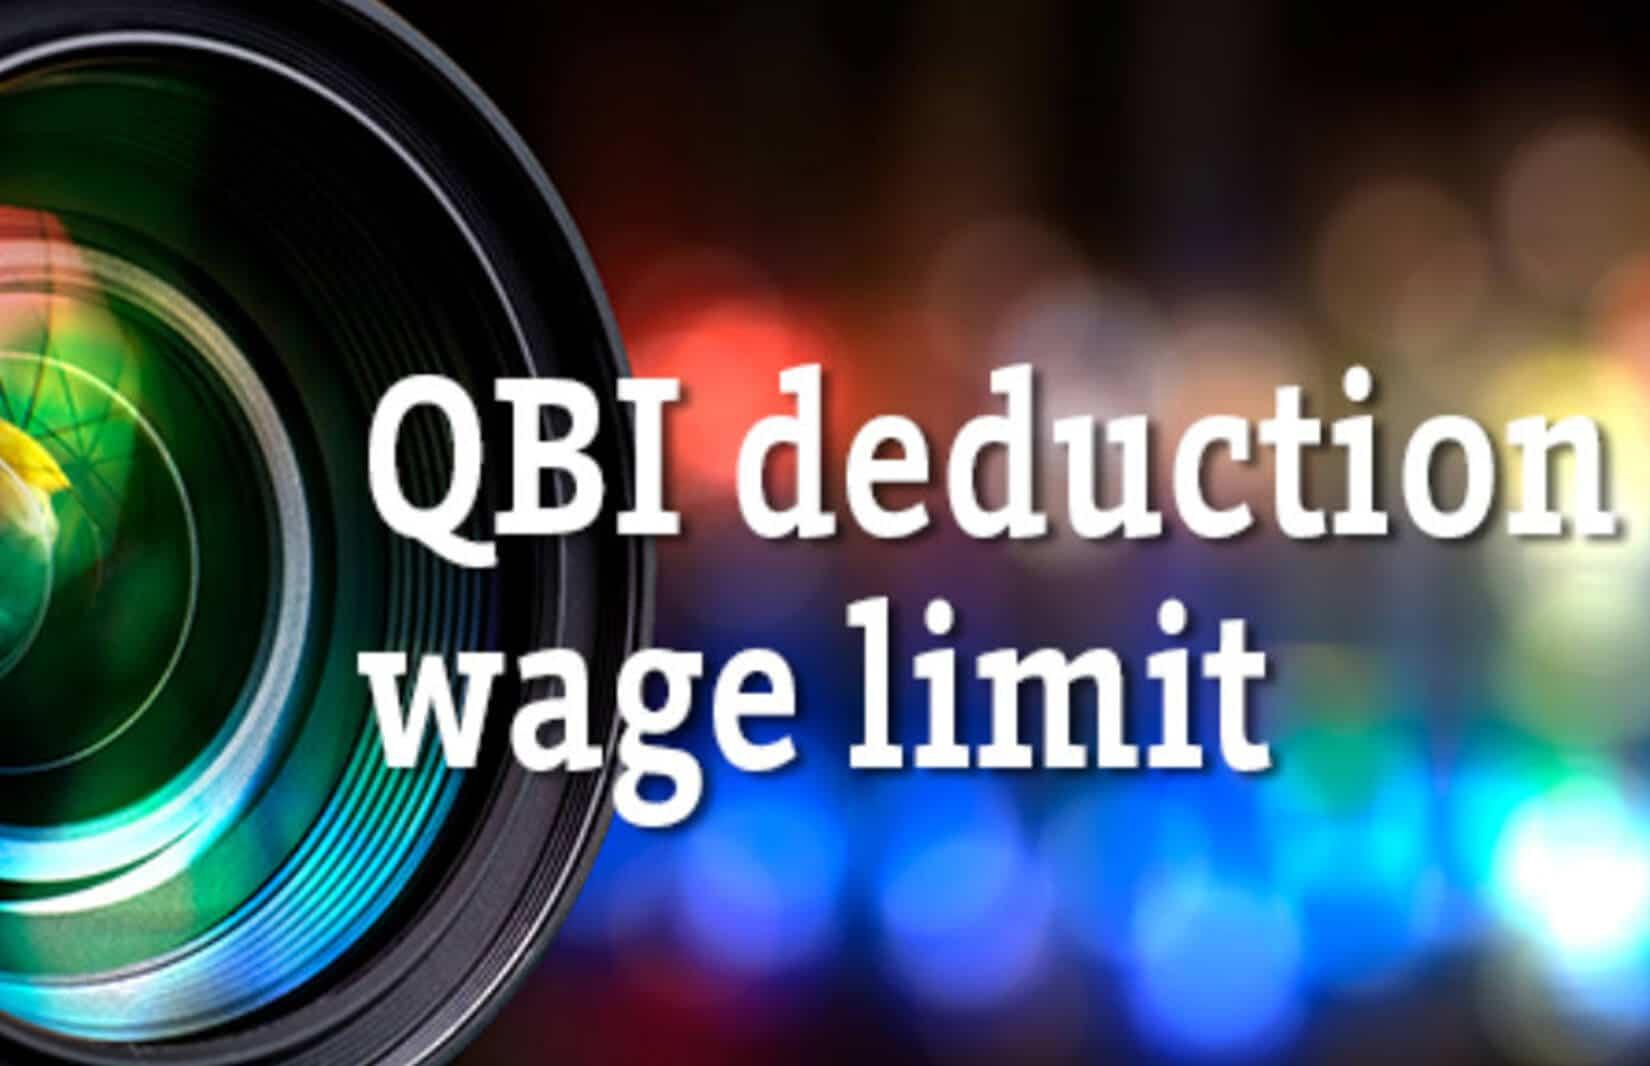 QBI Deductions Explained